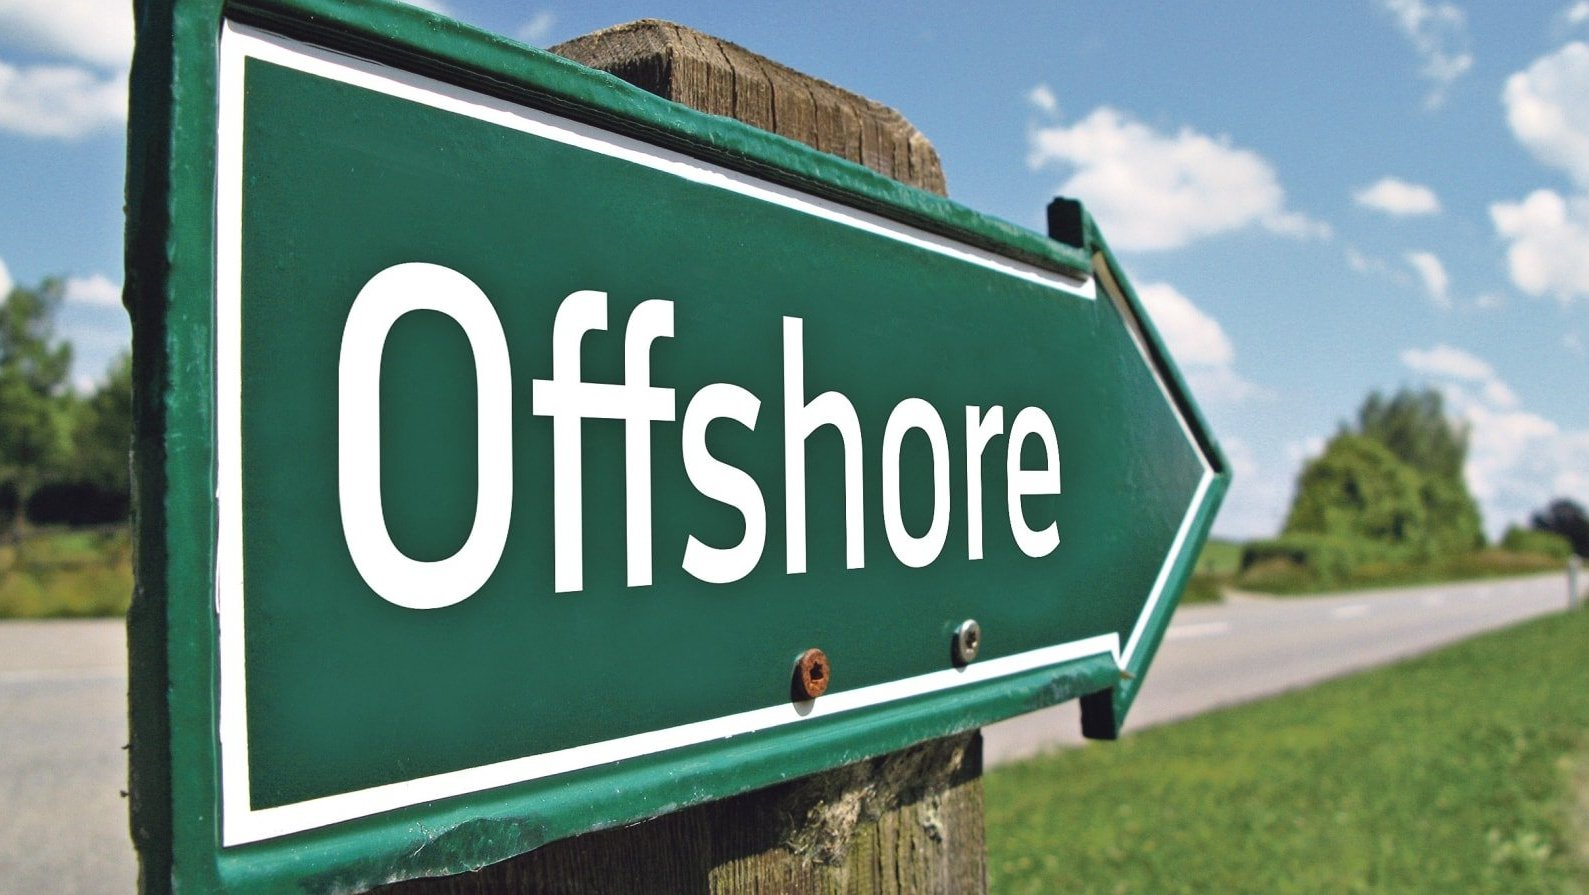 Власти Кипра ужесточили правила работы для офшоров. Чем это грозит российским компаниям?